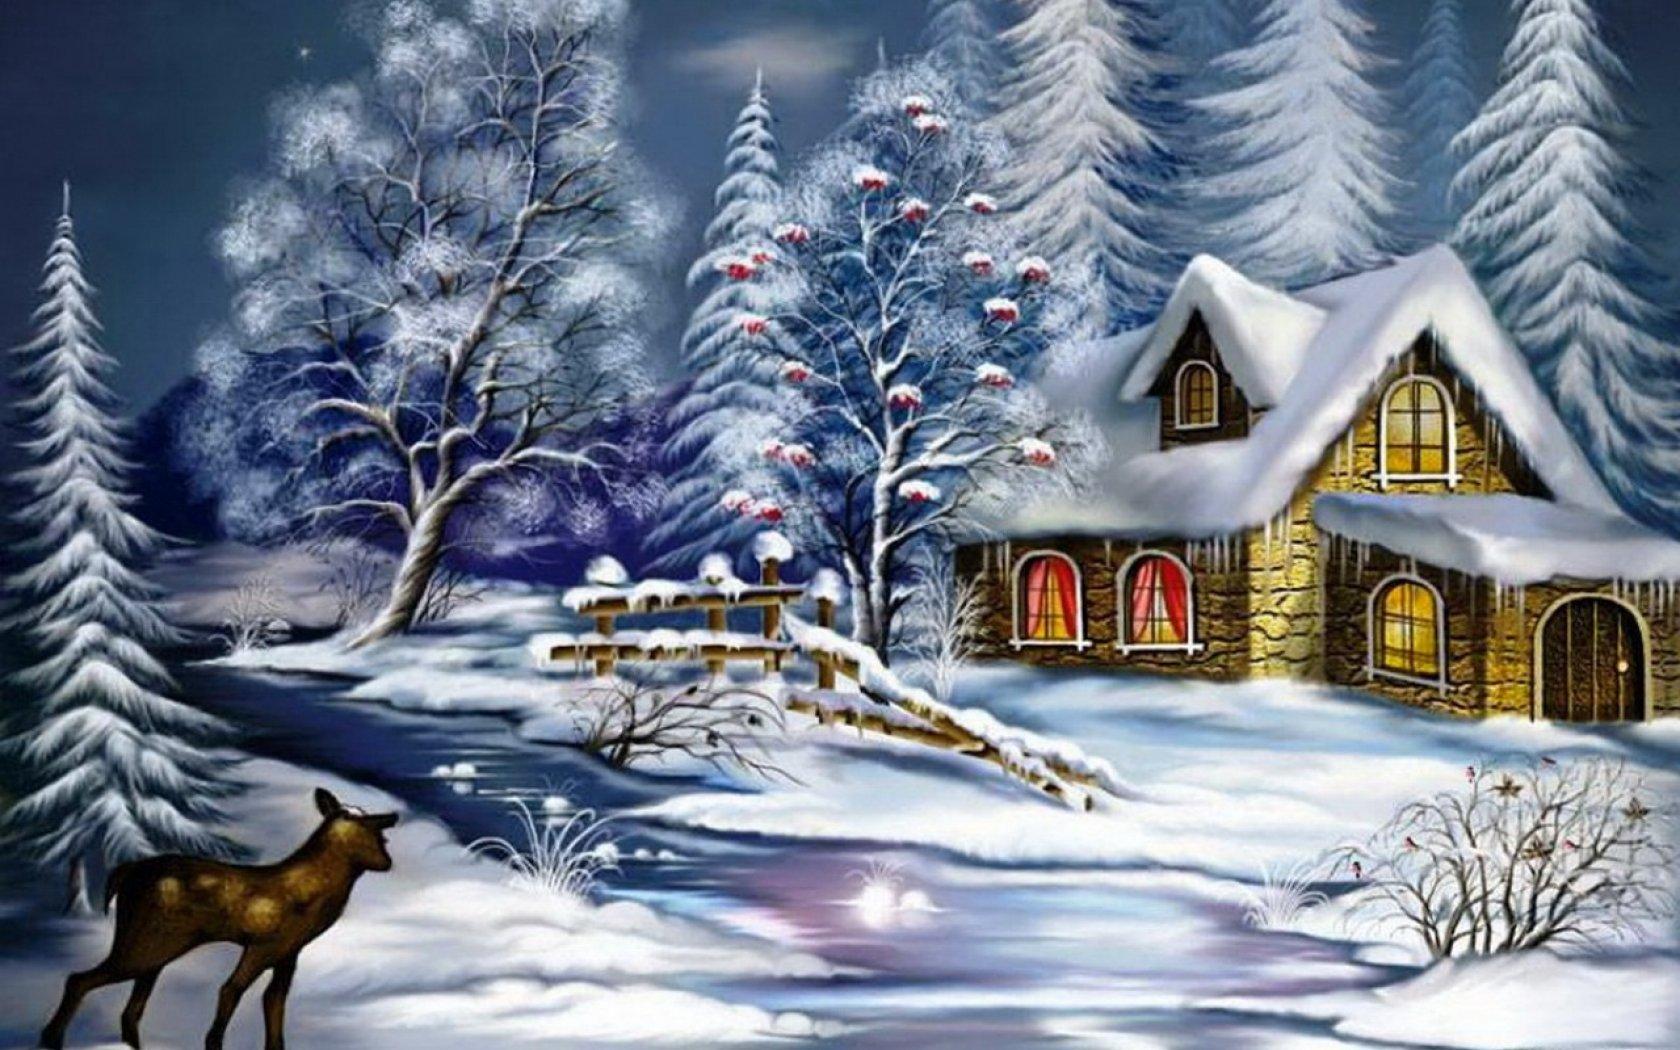 картинка с зимним пейзажем с одним домиком и оленями купить квартиру рязани